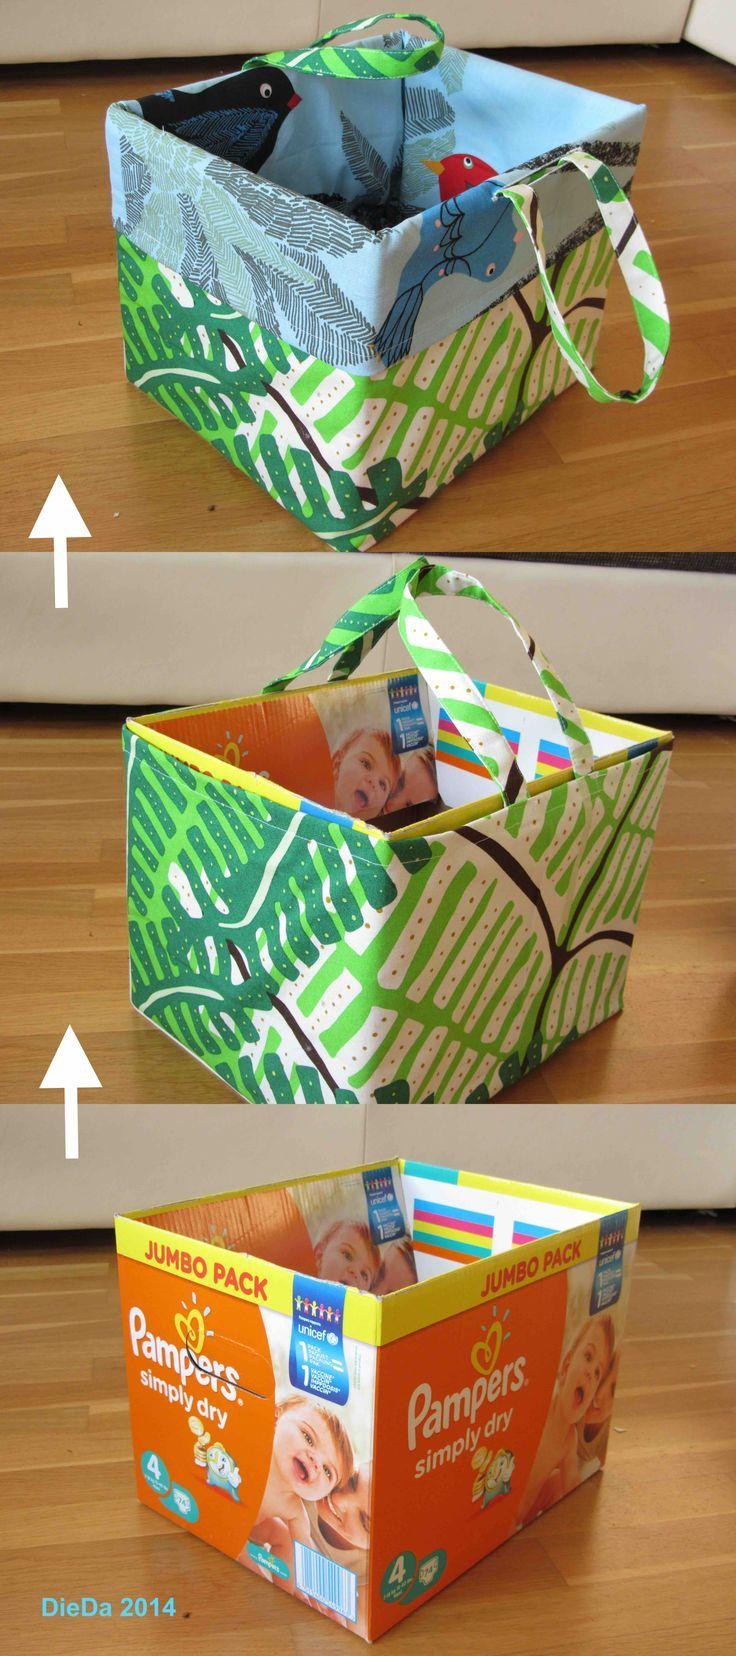 Das Ist Richtig Cool Ein Bezug Fur Den Leeren Windelkarton Aus Zwei Teilen Ist Schnell Genaht Und Schachteln Basteln Ideen Zum Selbermachen Fur Kinder Kiste